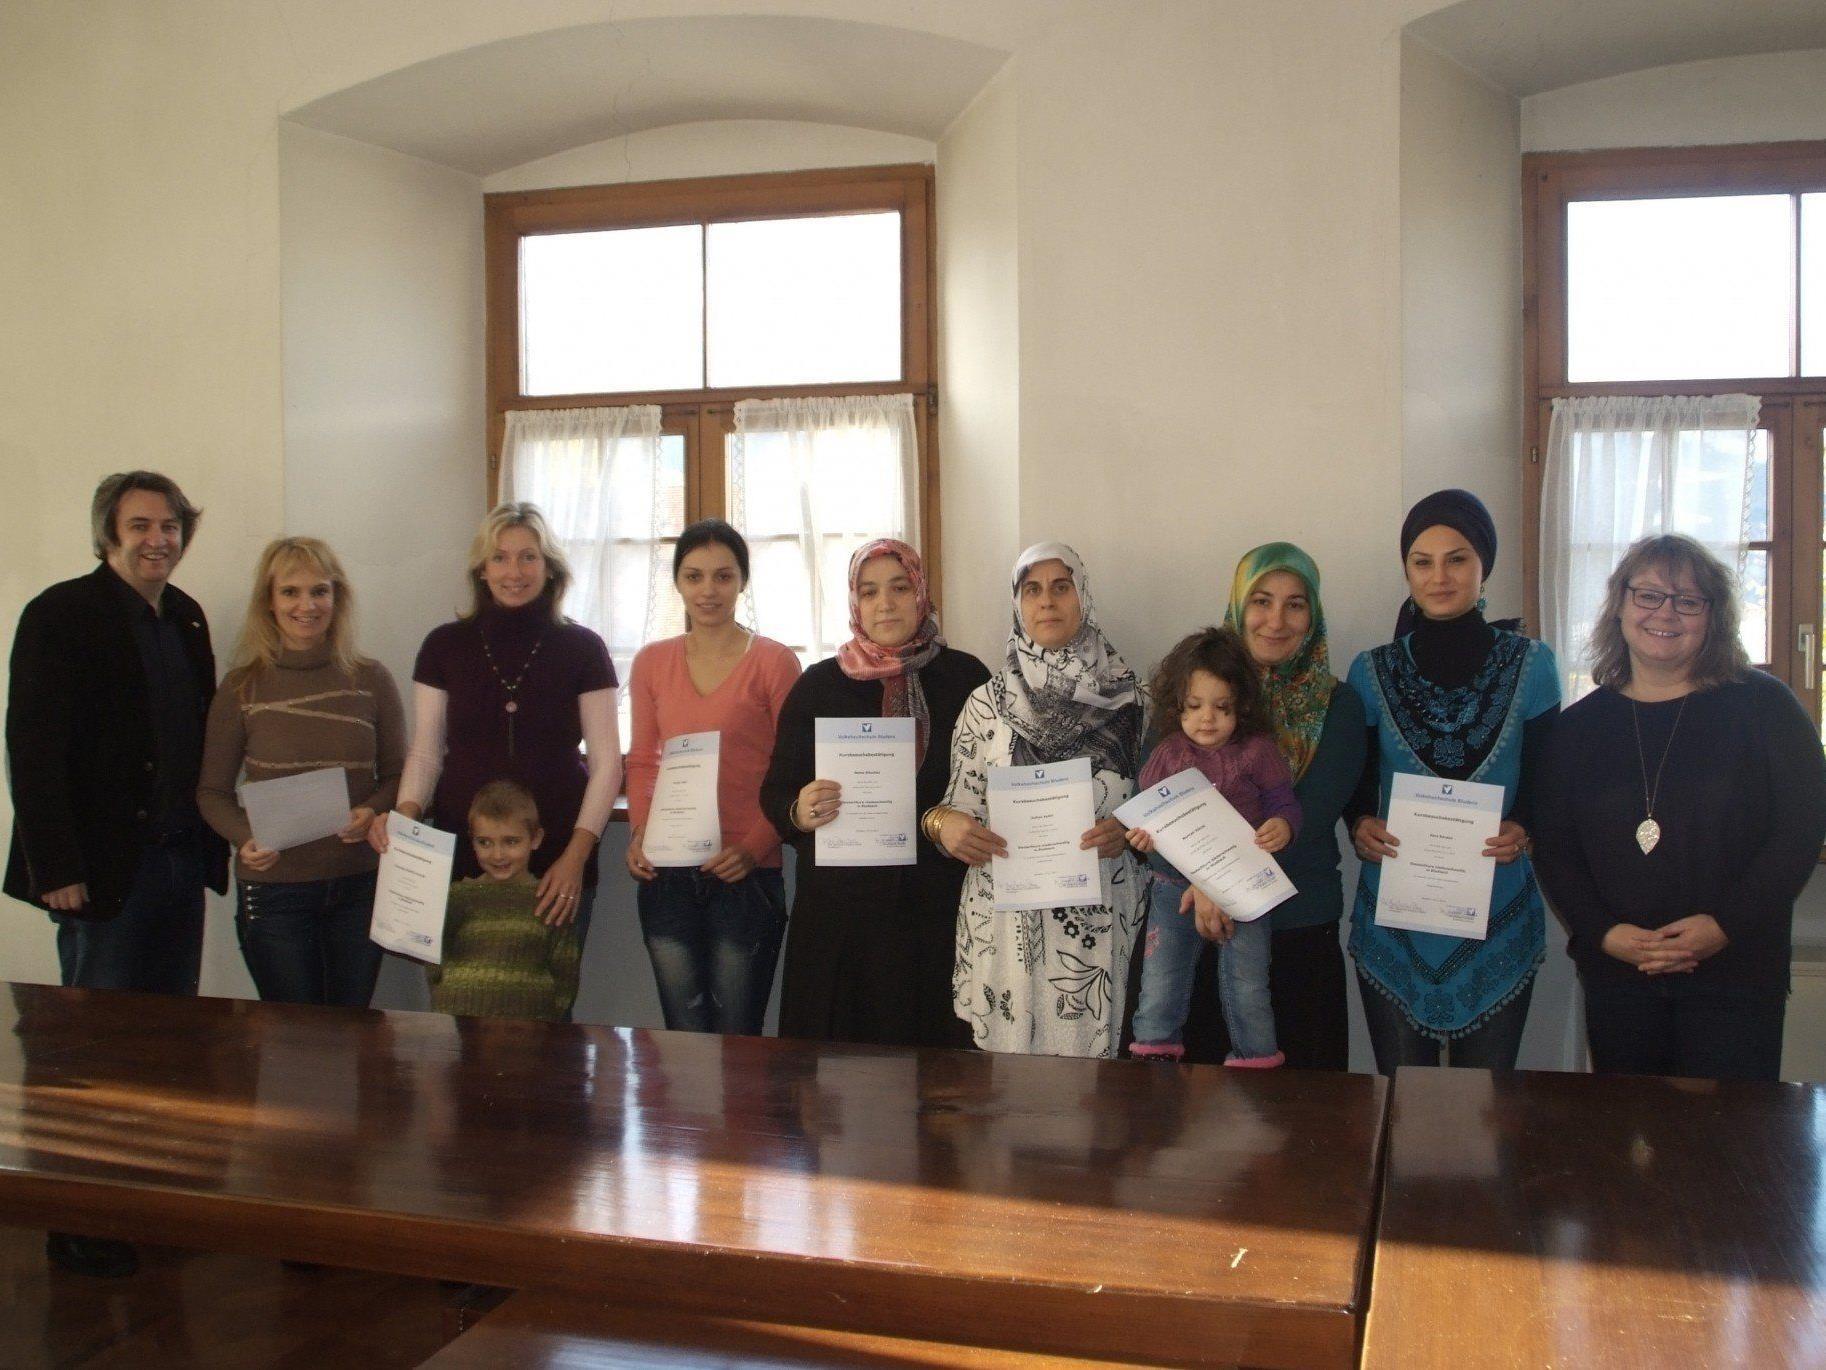 Die Teilnehmerinnen des Deutschkurses für Migranten freuen sich über ihre Fortschritte und auf einen weiteren Kurs.